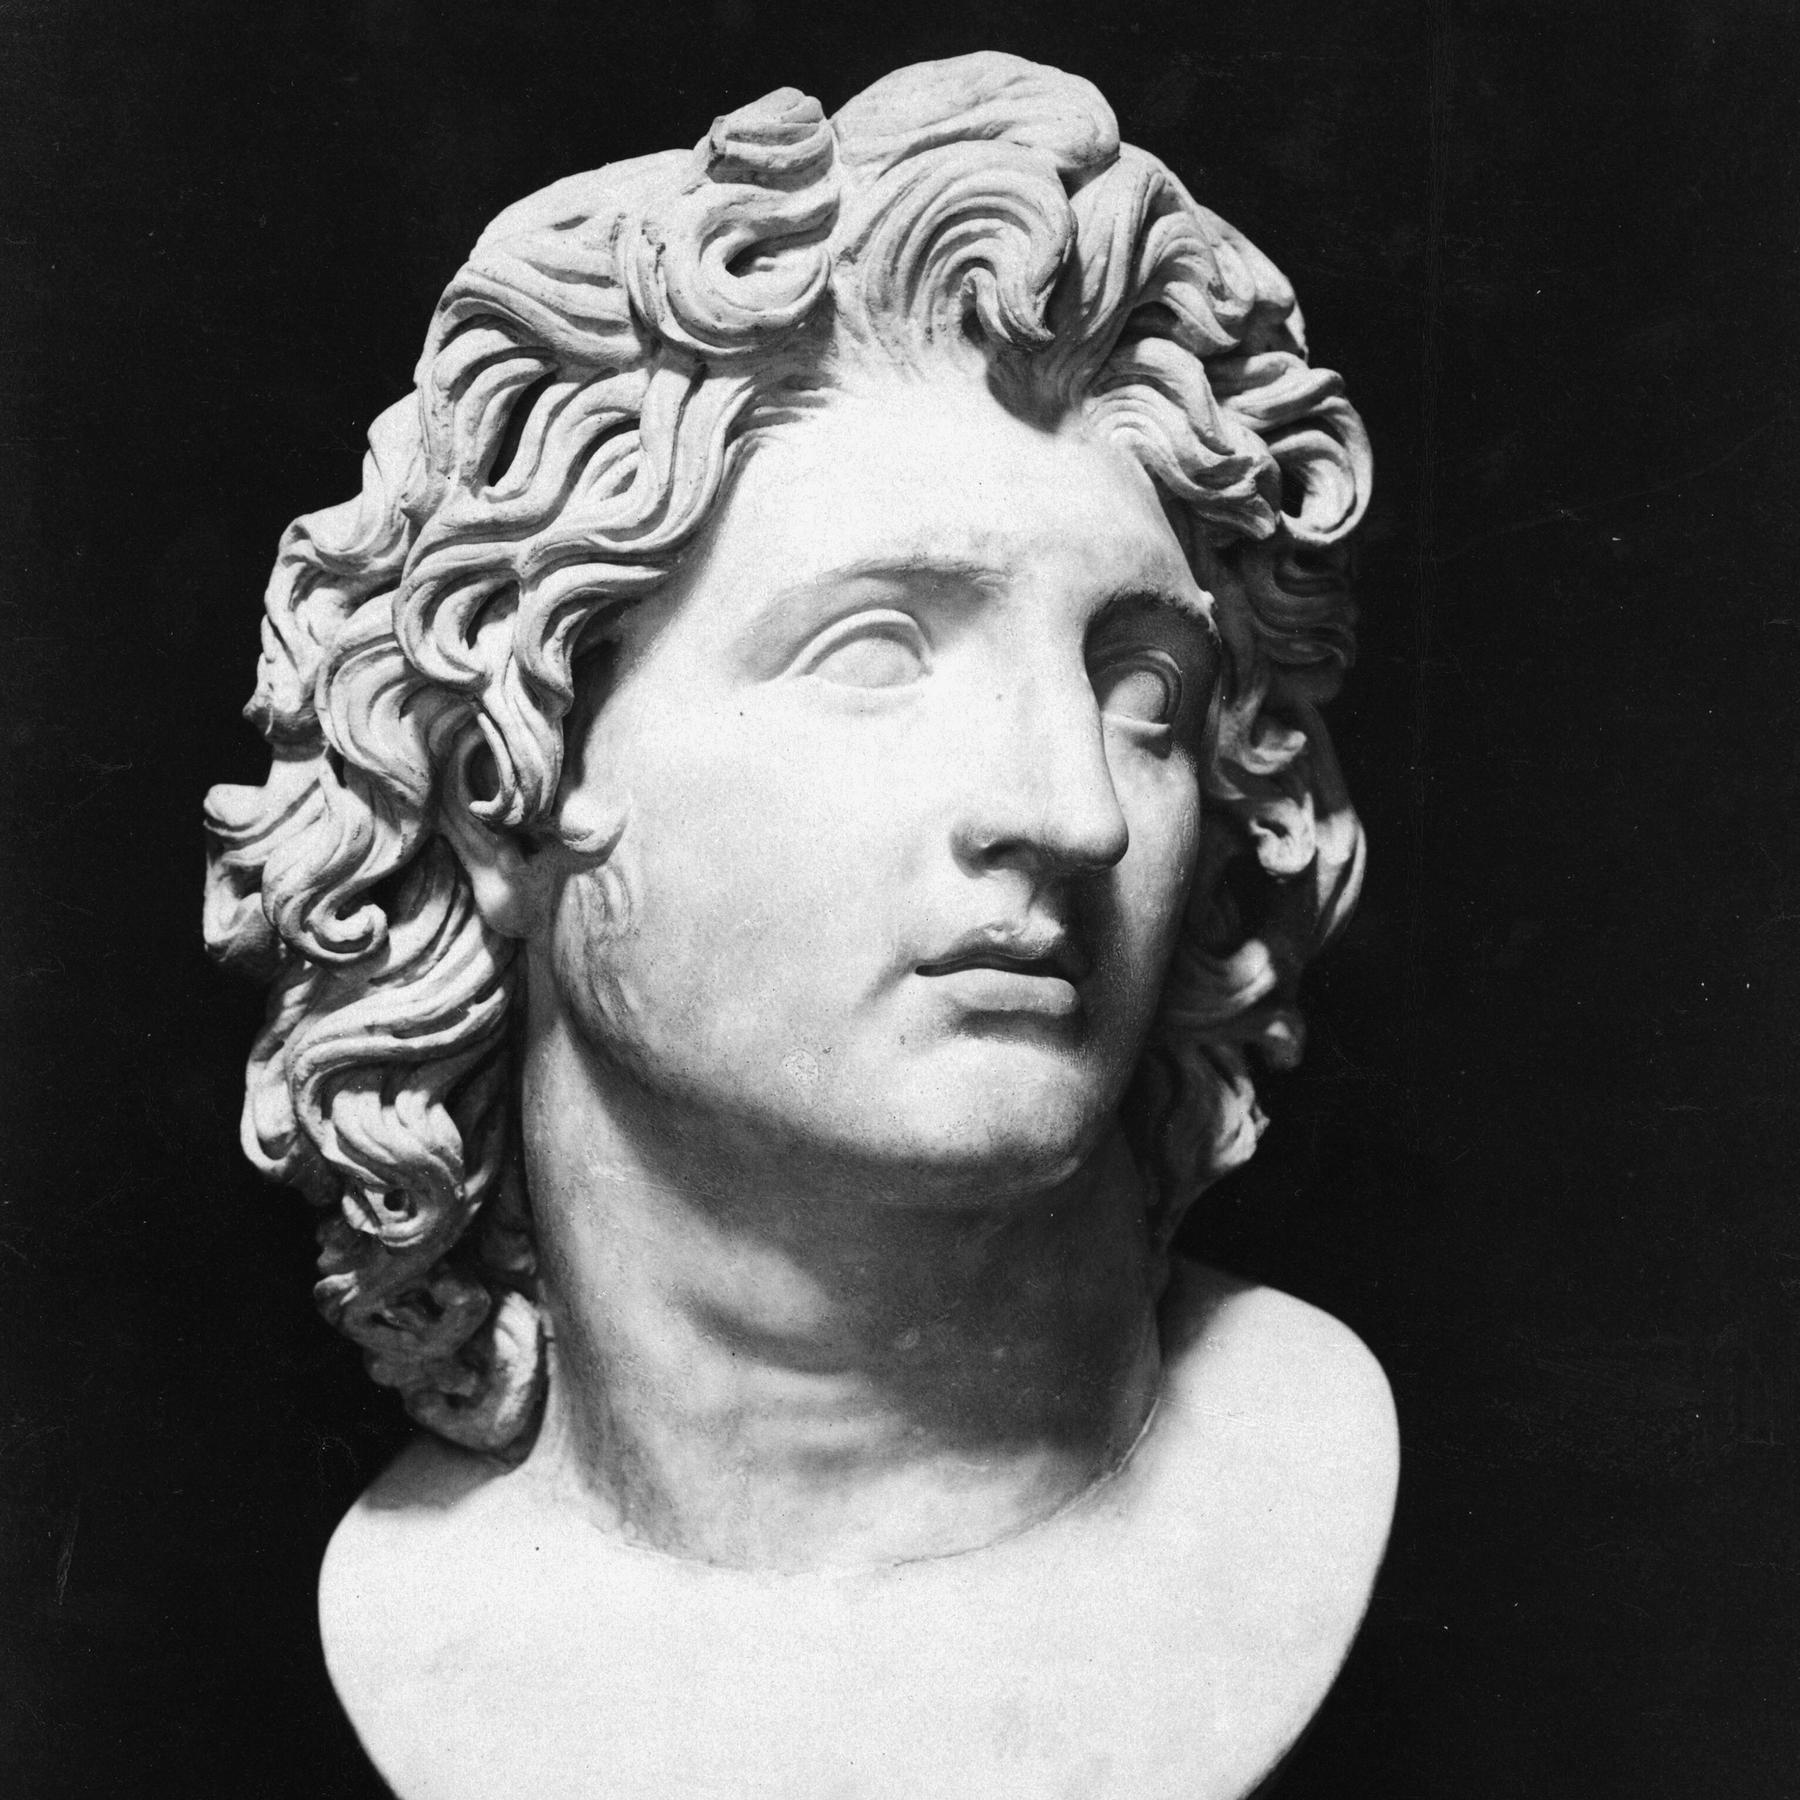 Alexander der Große - Wie ein Makedone die Welt veränderte